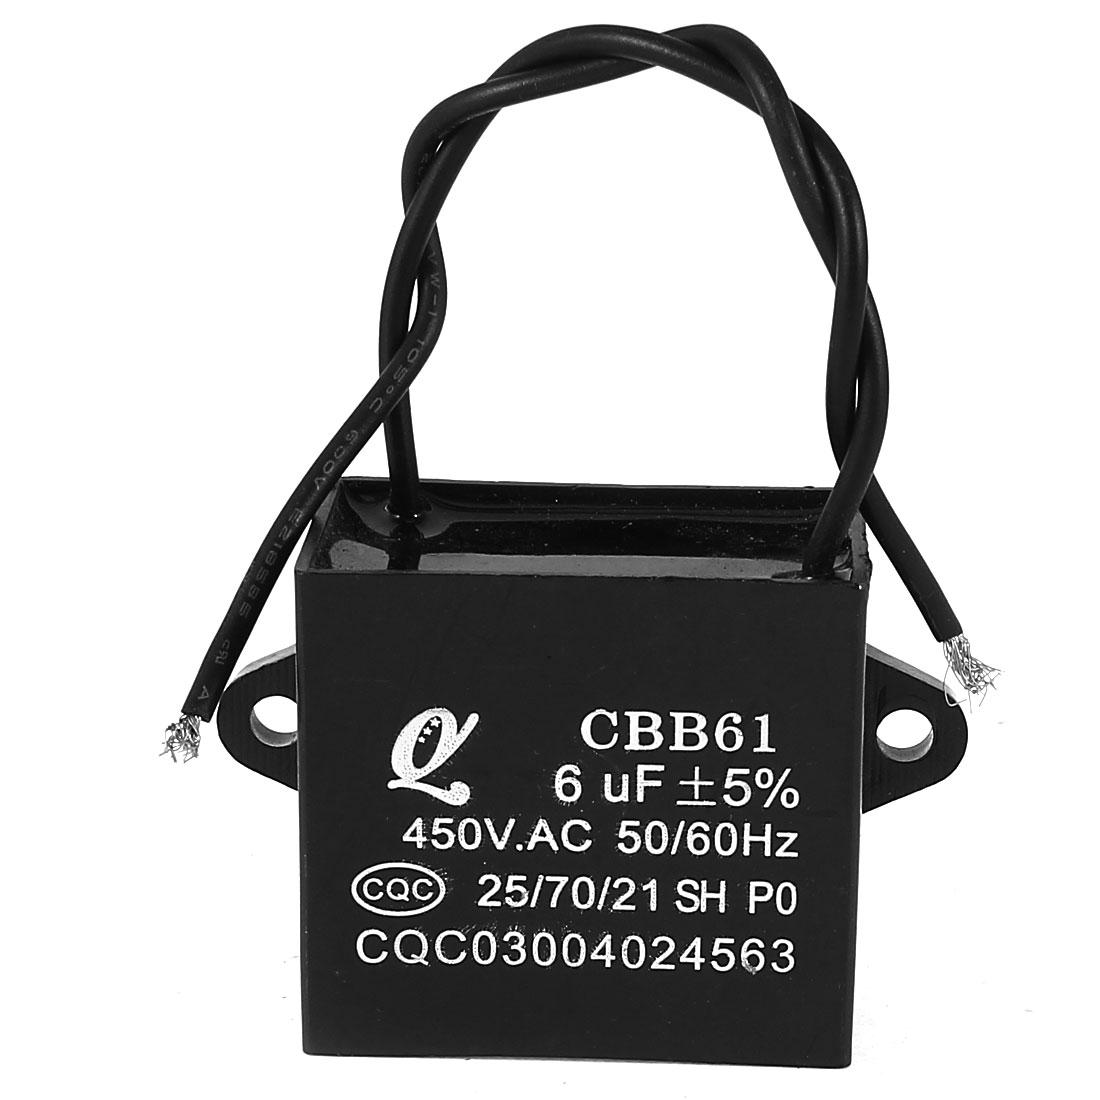 AC 450V 6uF 50/60Hz 5% Wired Metalized Polypropylene Film Motor Capacitor Black